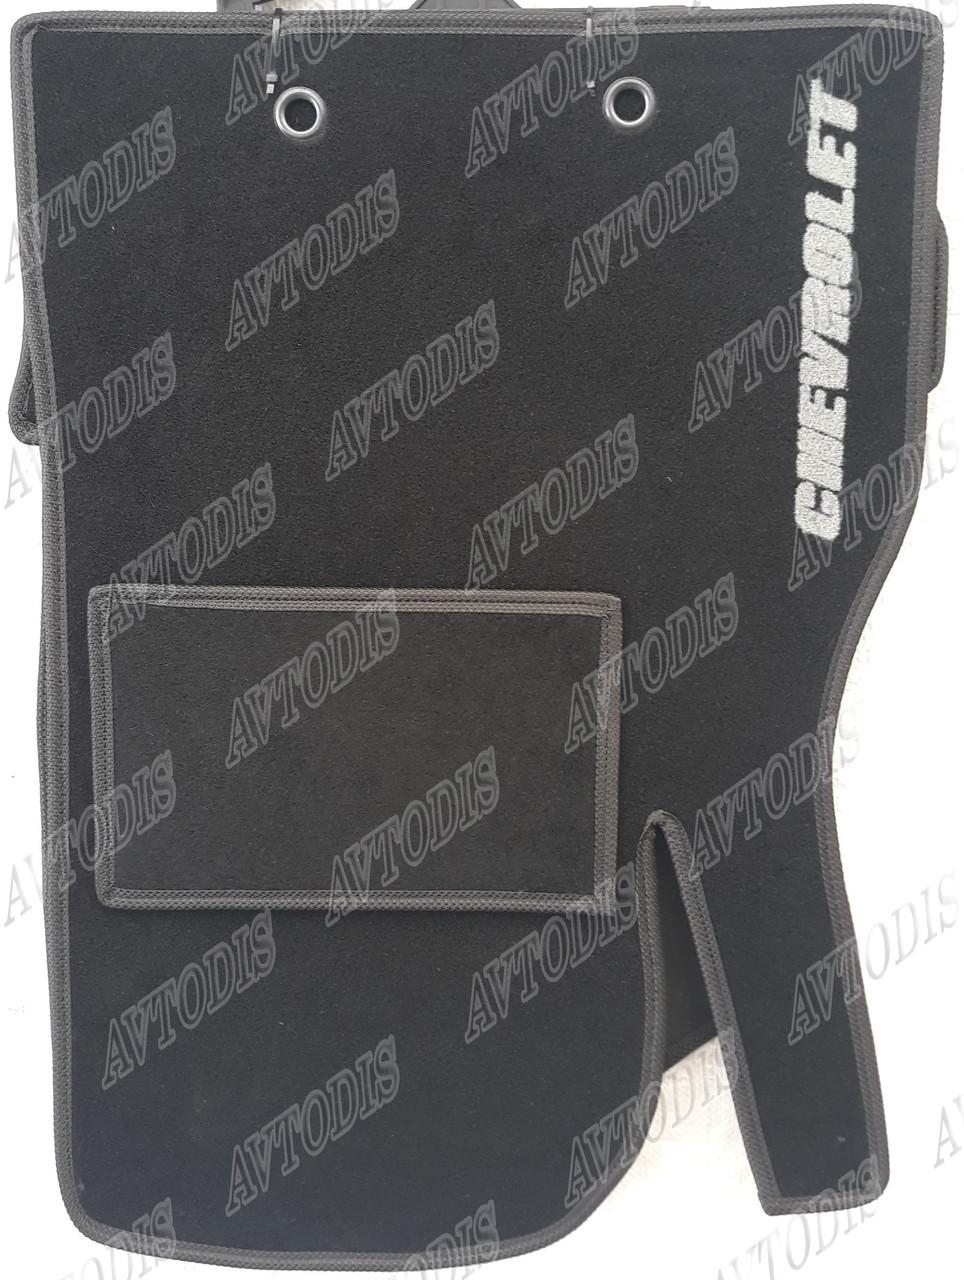 Ворсовые коврики Chevrolet Captiva 2006- VIP ЛЮКС АВТО-ВОРС